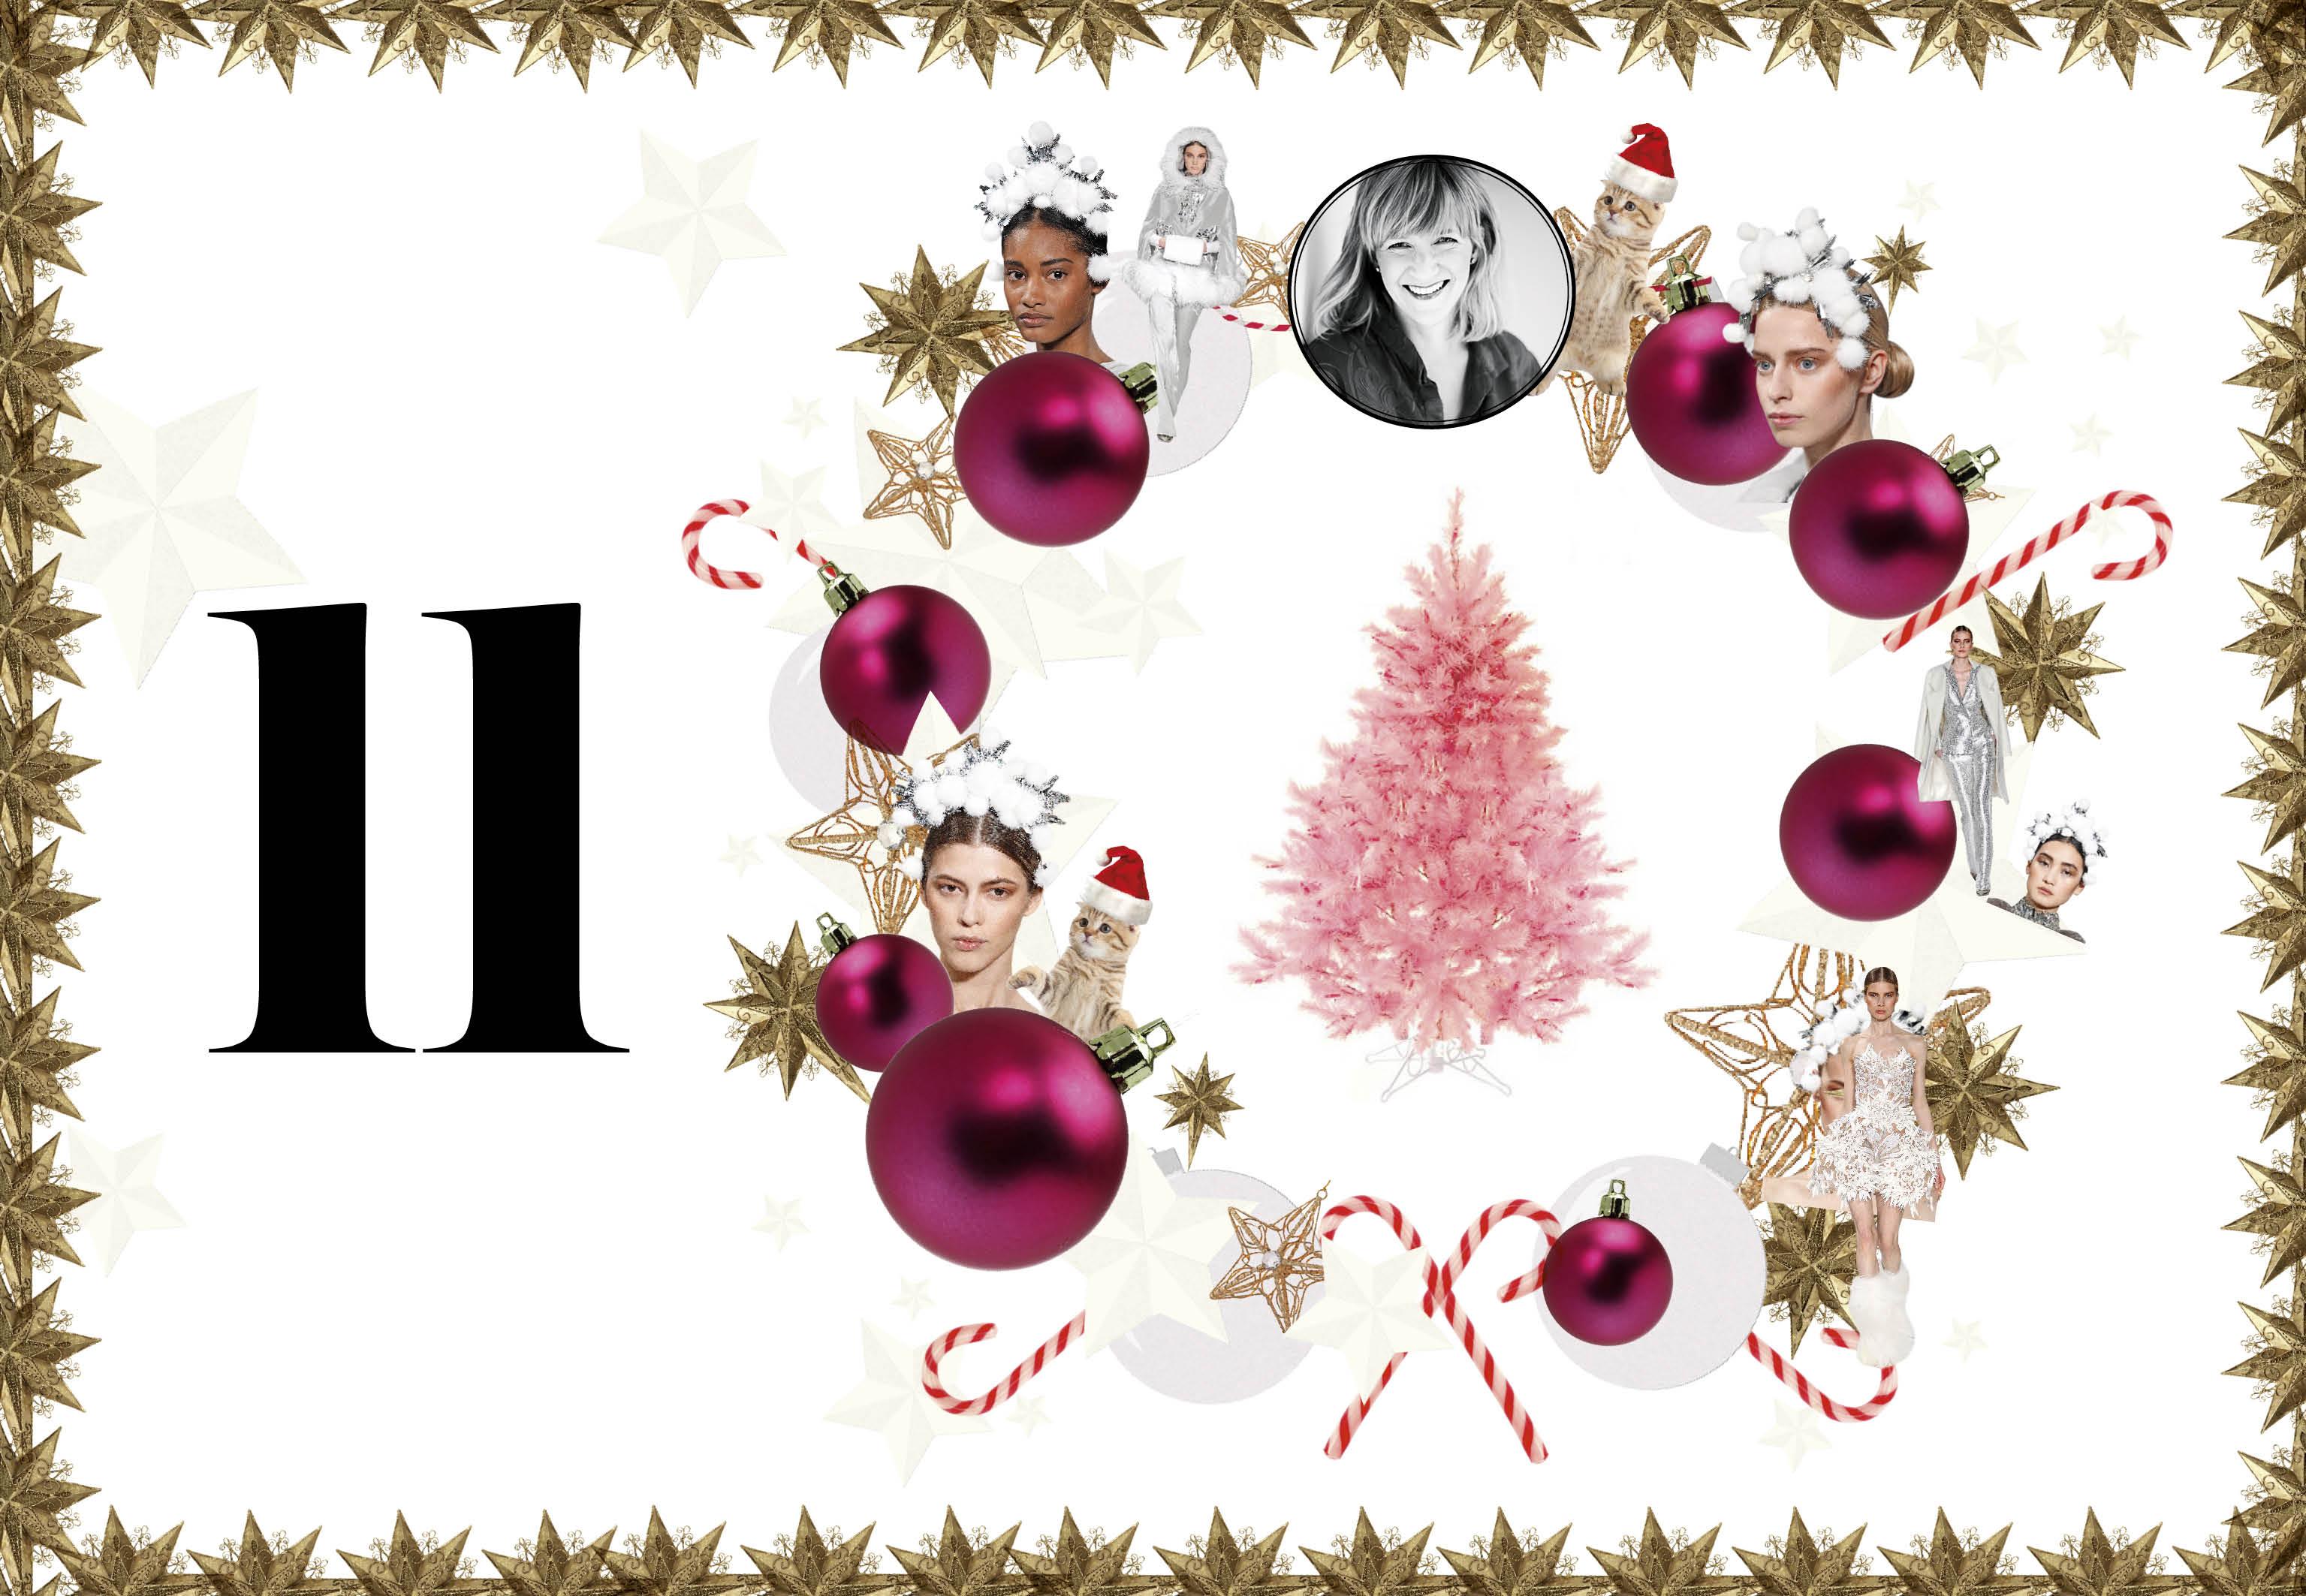 11_joulukalenteri_luukkut_loput4.jpg